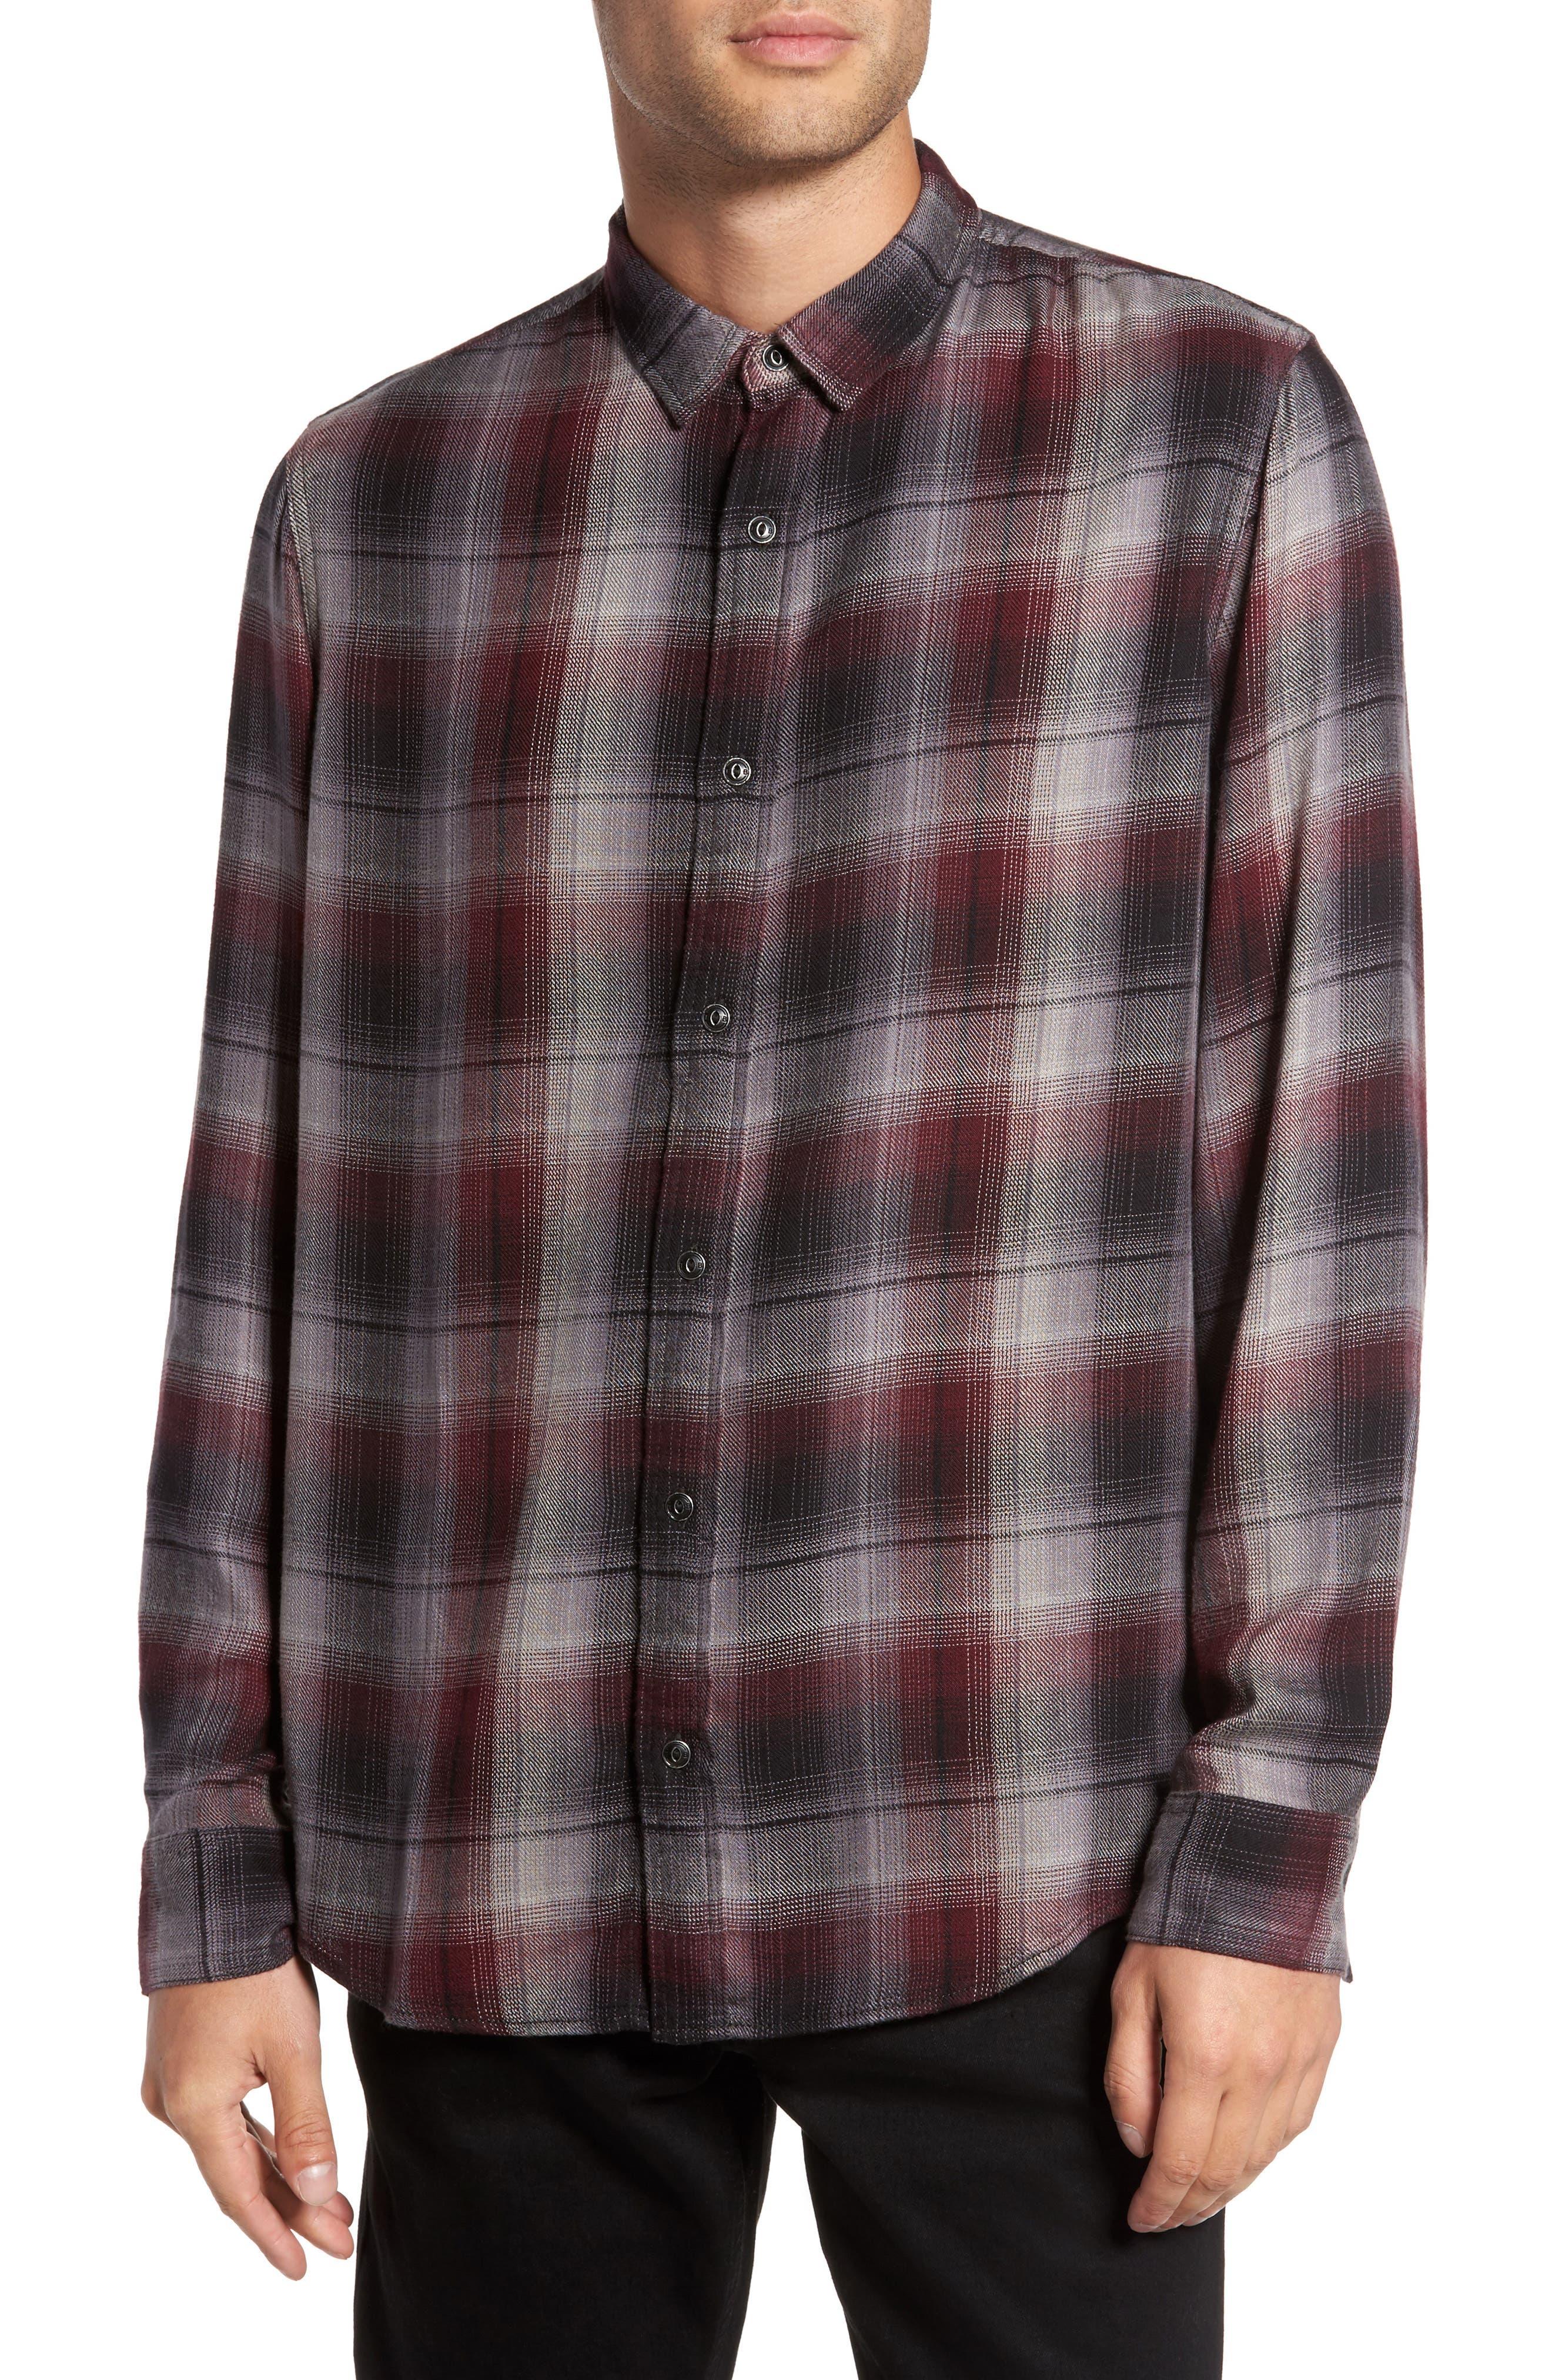 Virgil Ombré Plaid Sport Shirt,                         Main,                         color, Black Burgundy Ombre Plaid